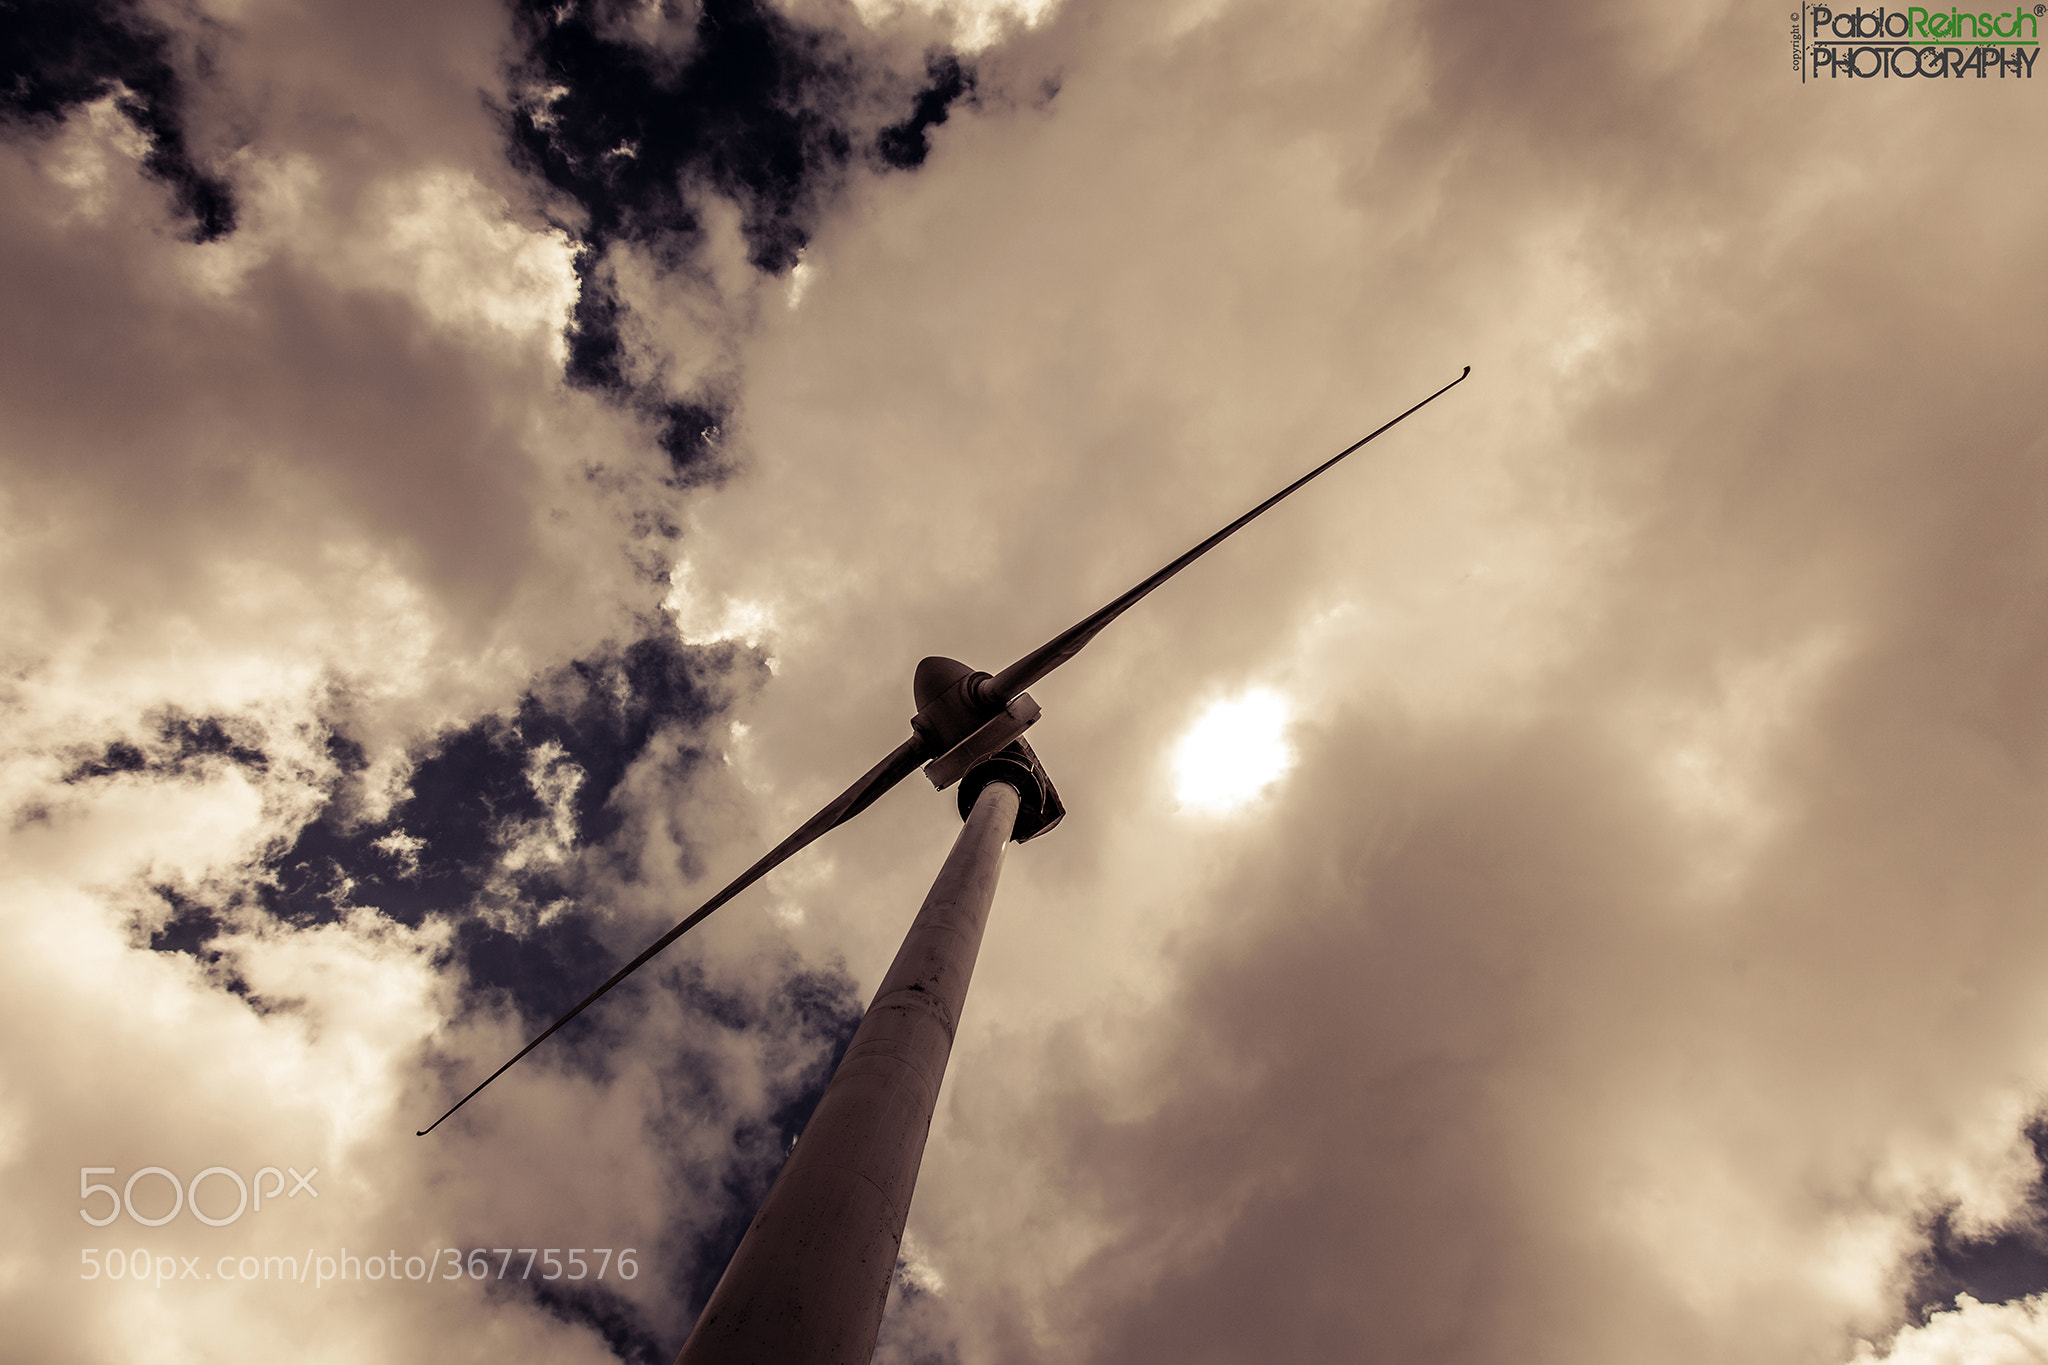 Photograph Alto en el cielo.- by Pablo Reinsch on 500px